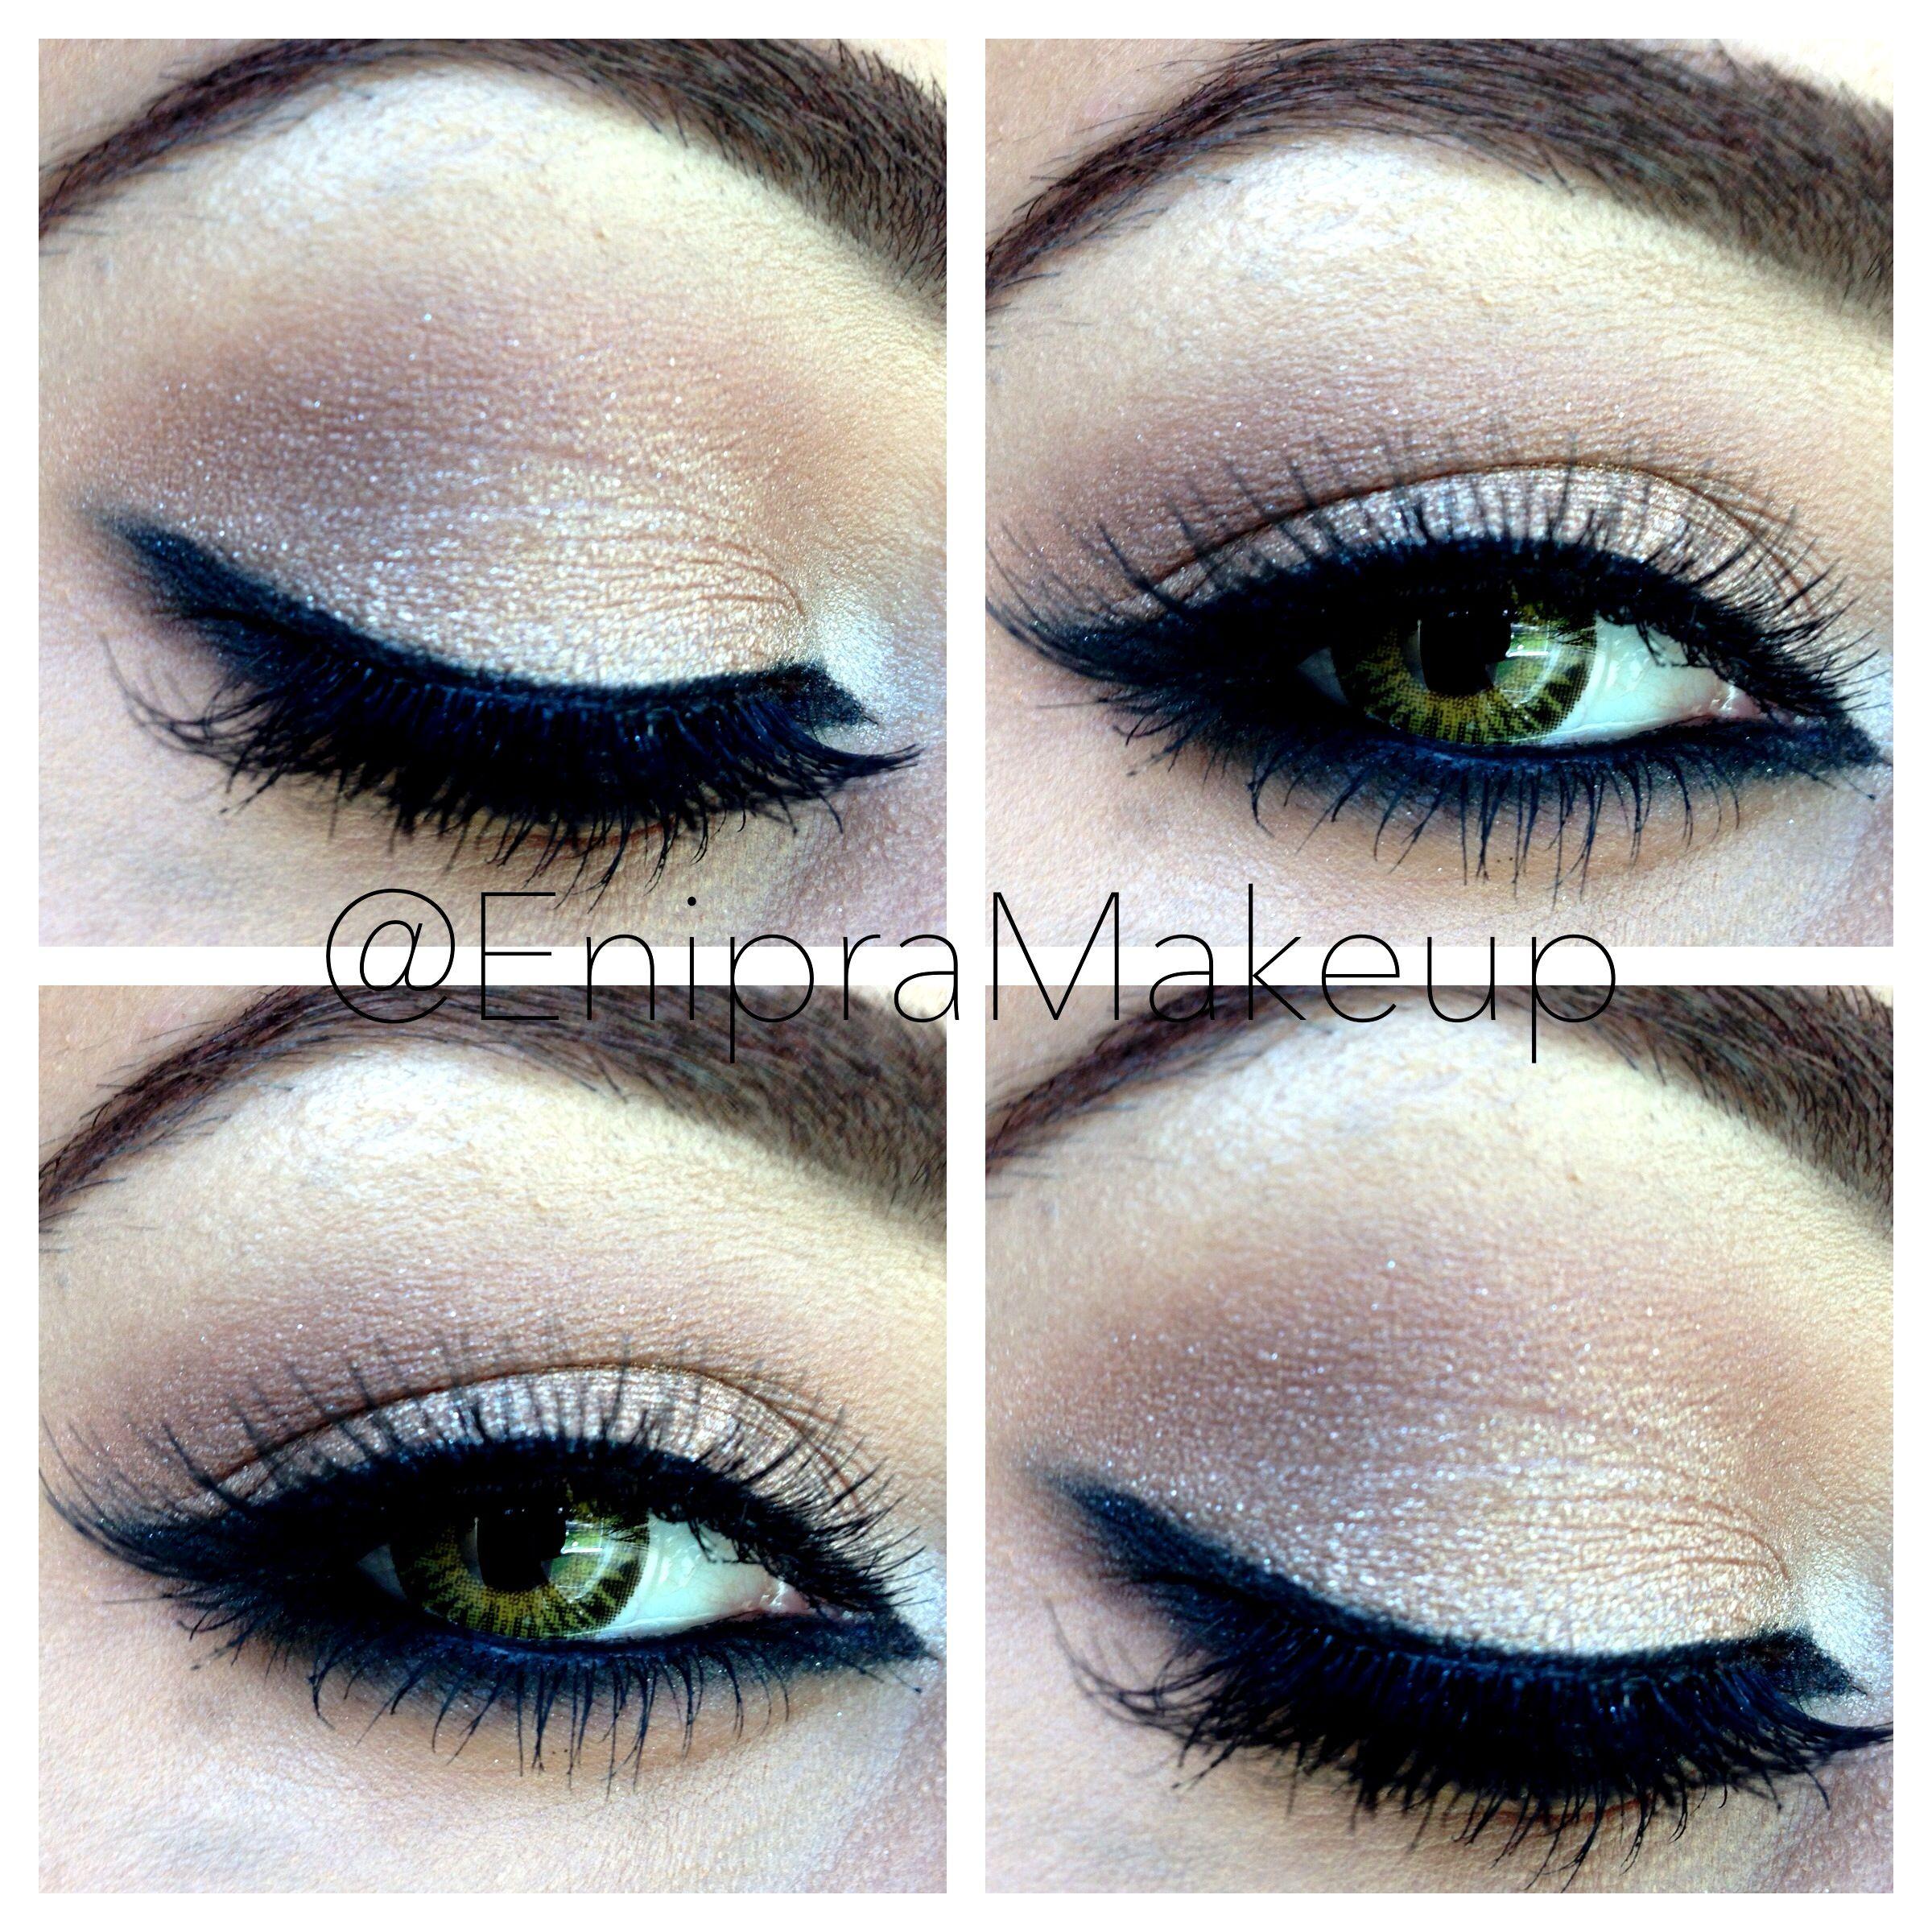 Eye makeup with smokey eyeliner